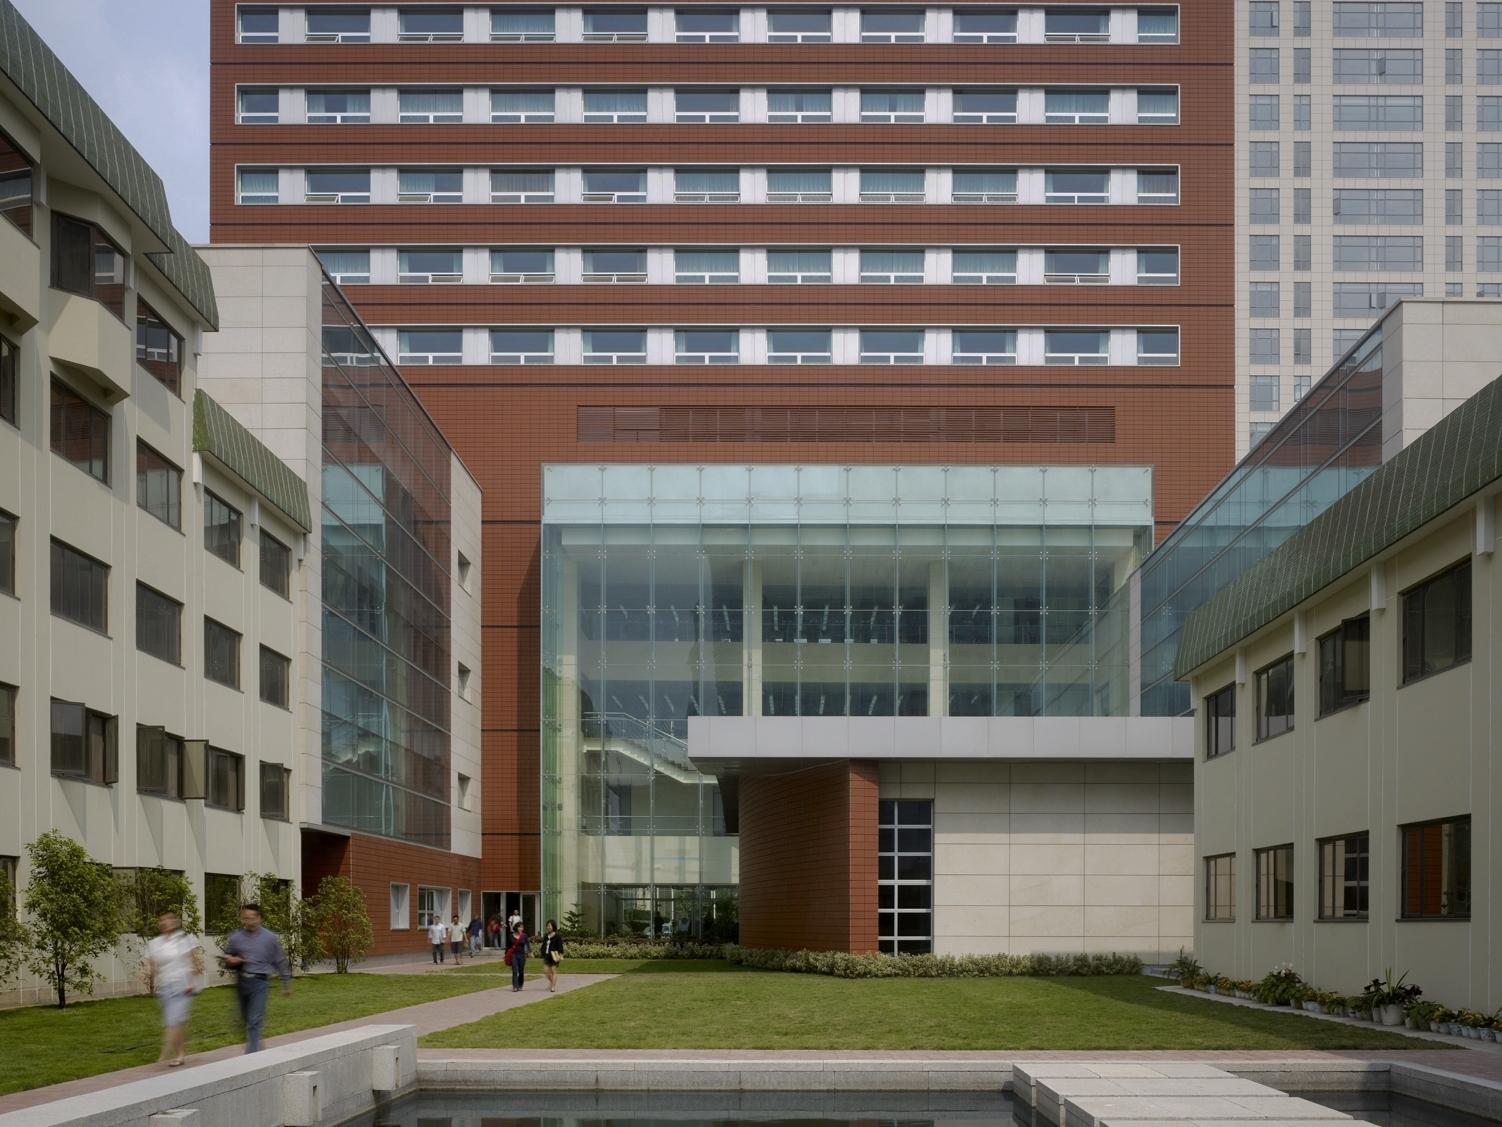 Hopkins-Nanjing University - Nanjing, China